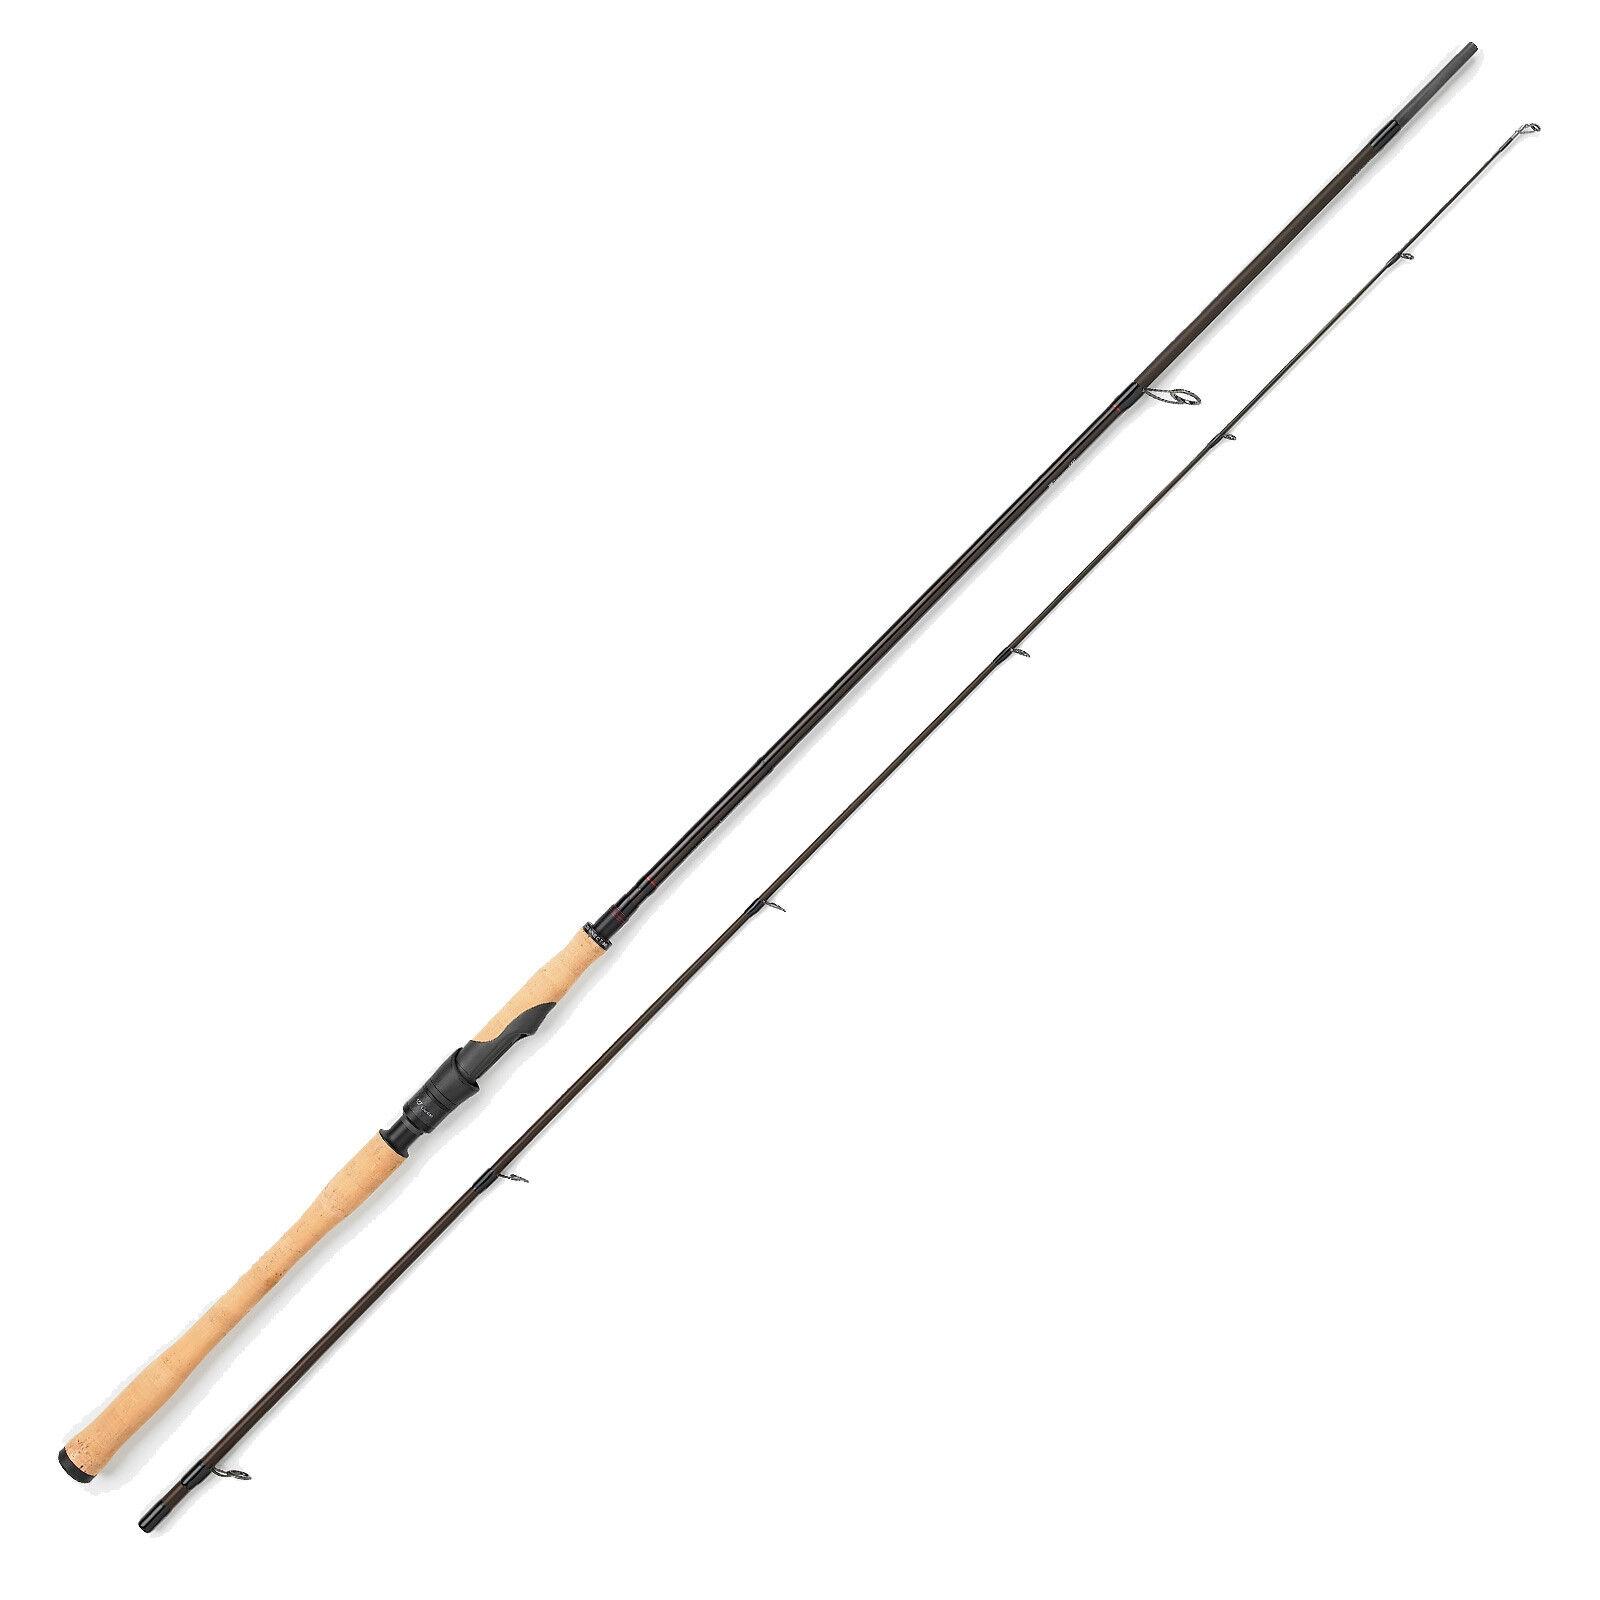 Westin Cocherete fijo caña de pesCoche pesca steckrute-w4 powerlure 270cm 30-100g